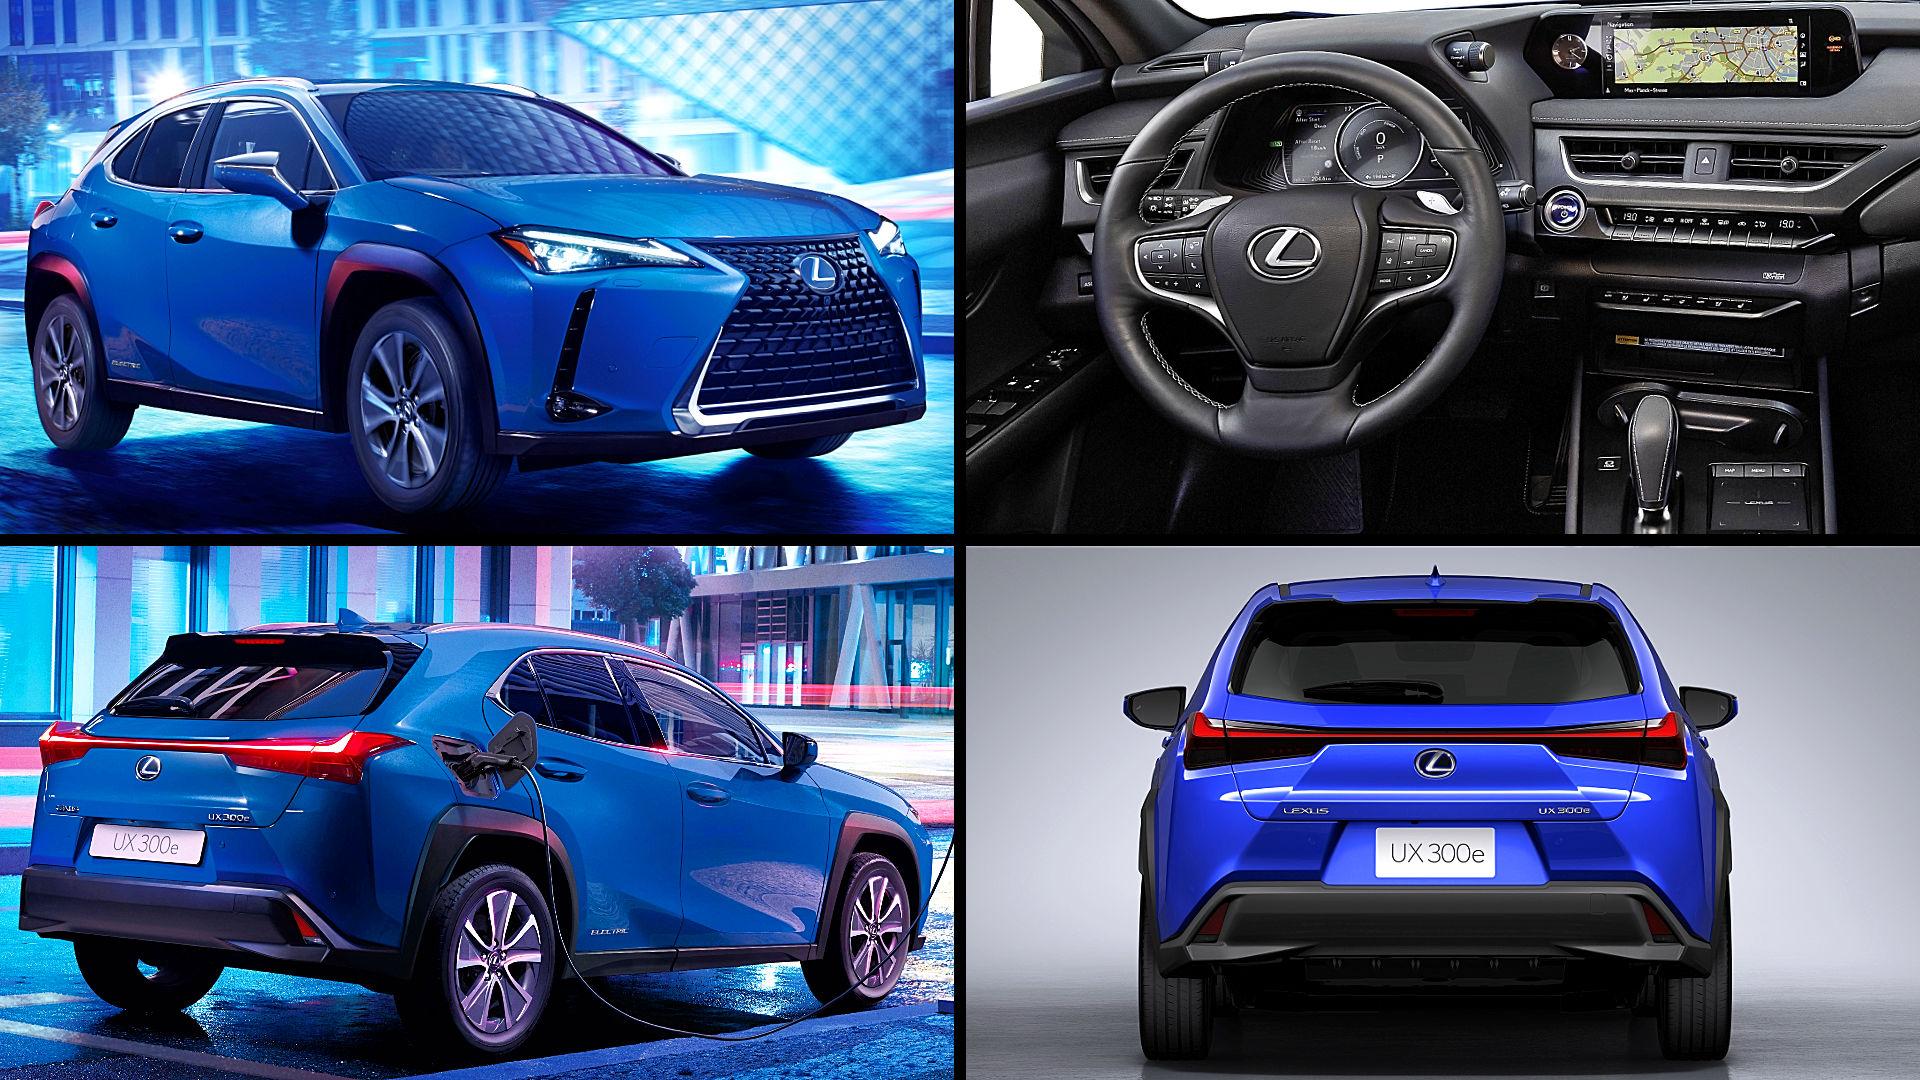 2021 Lexus Ev Suv Ux Electric Car Images